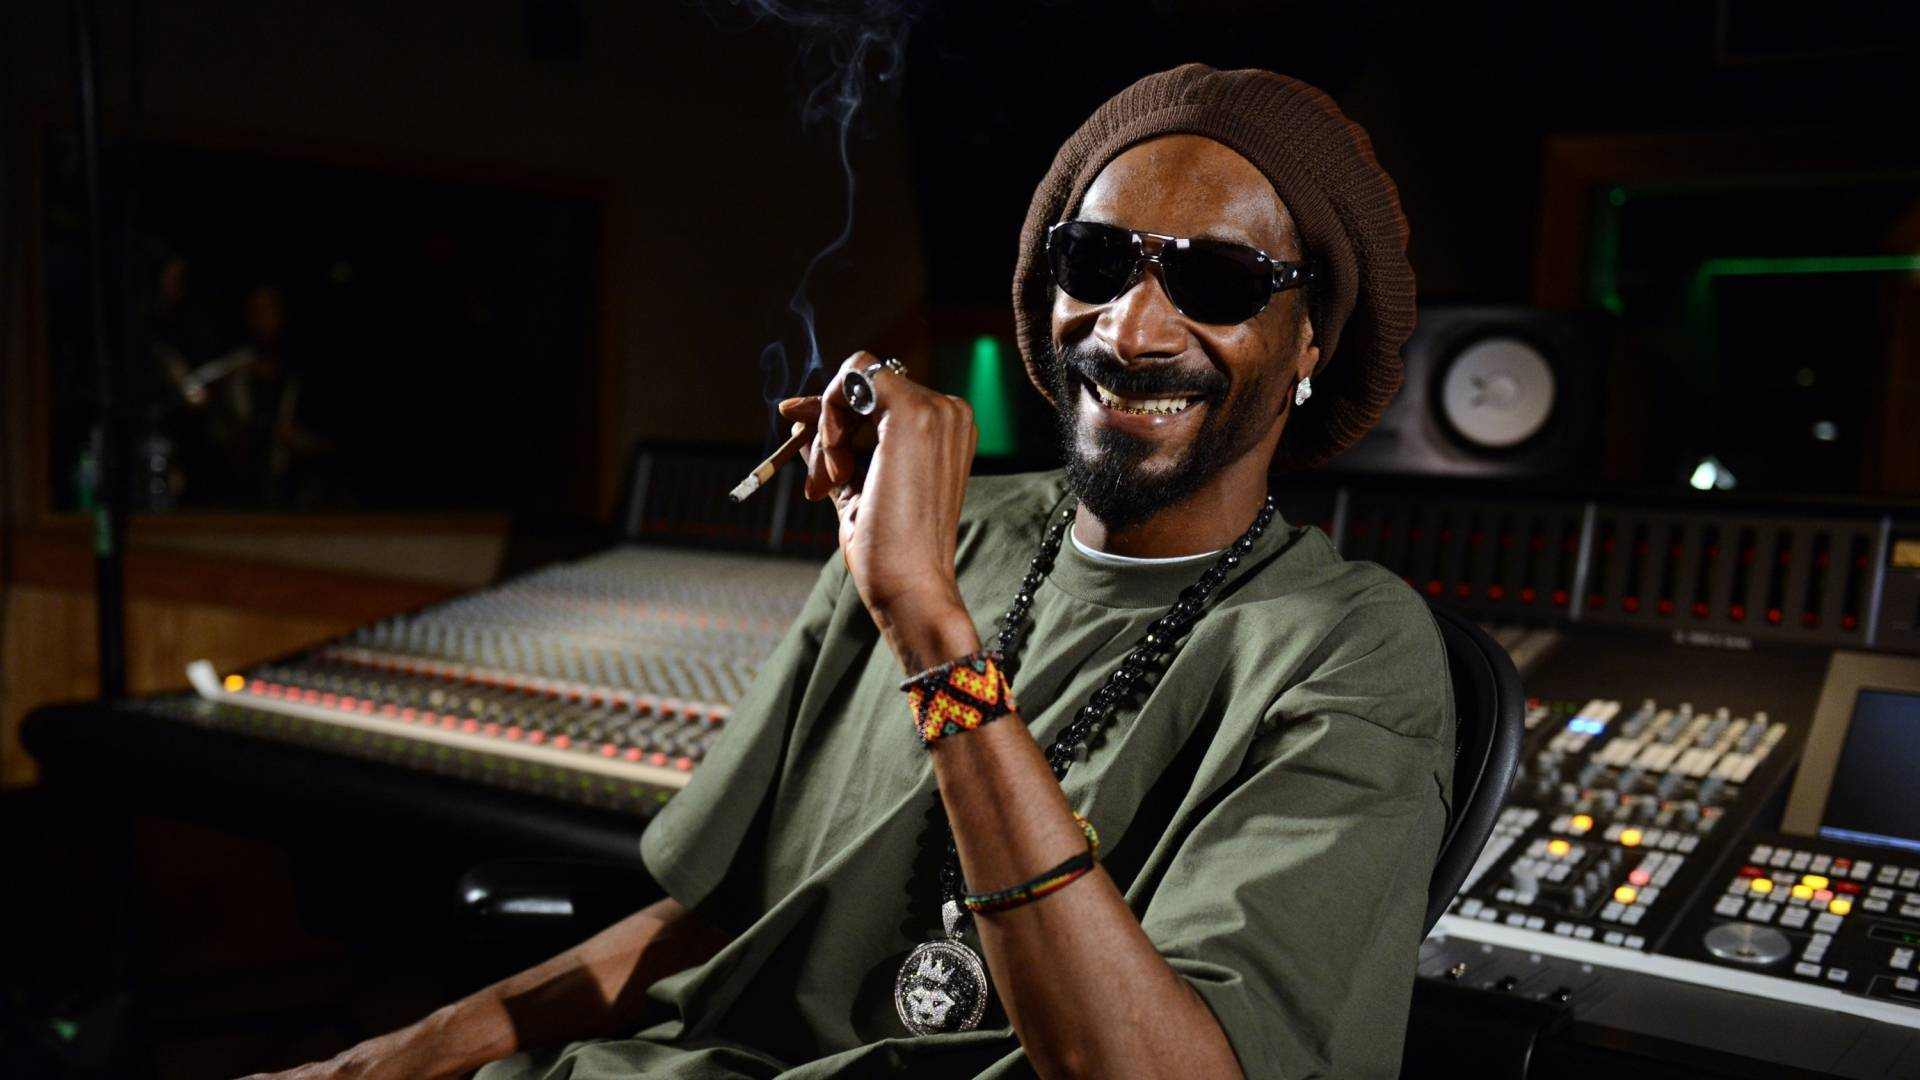 היפ-הופ וטראפ (Hip Hop & Trap), טכניקות ליצירה והפקה